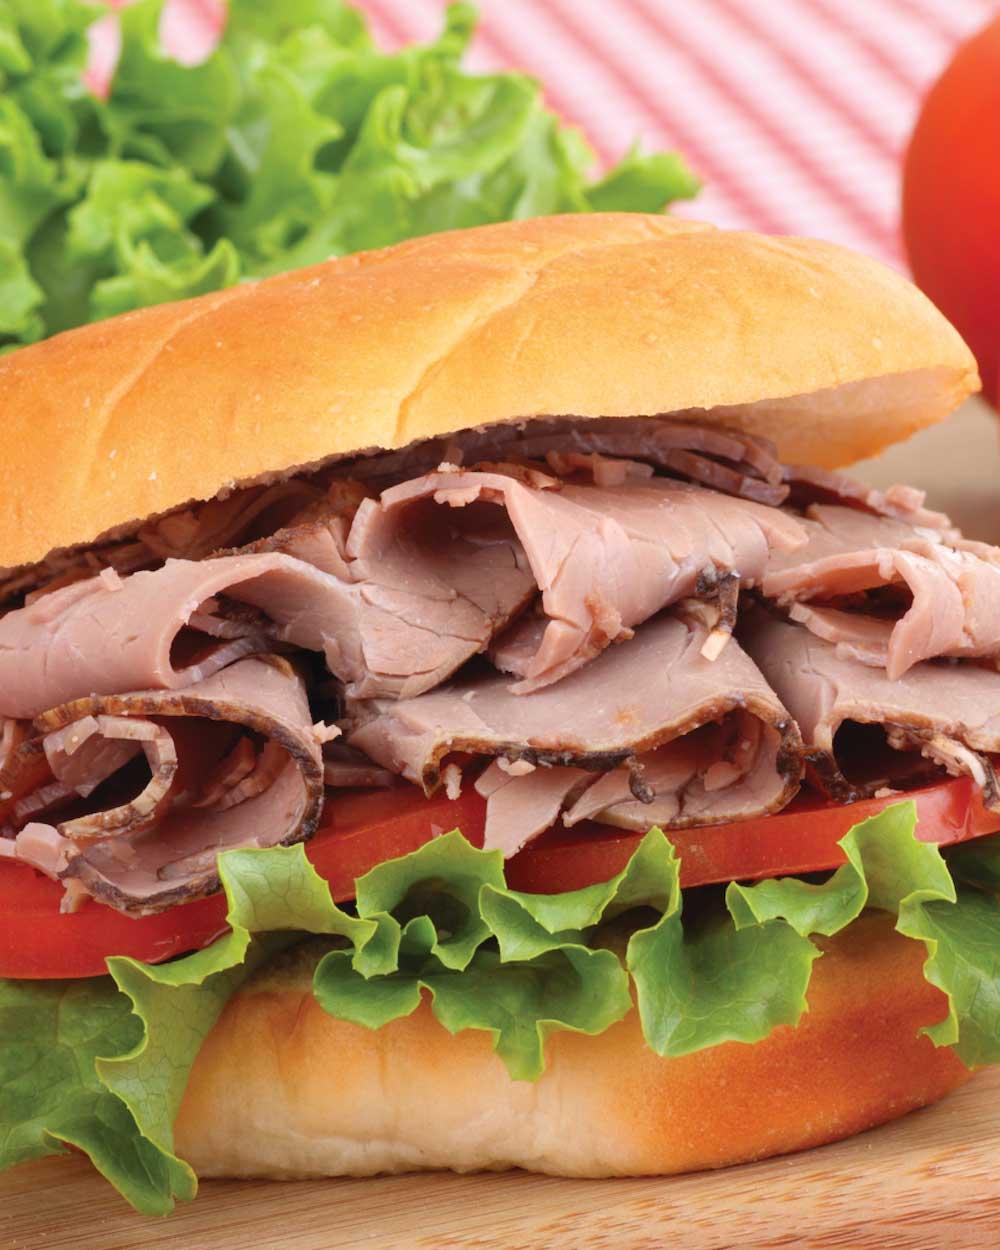 Baked Beef Roast Sandwich